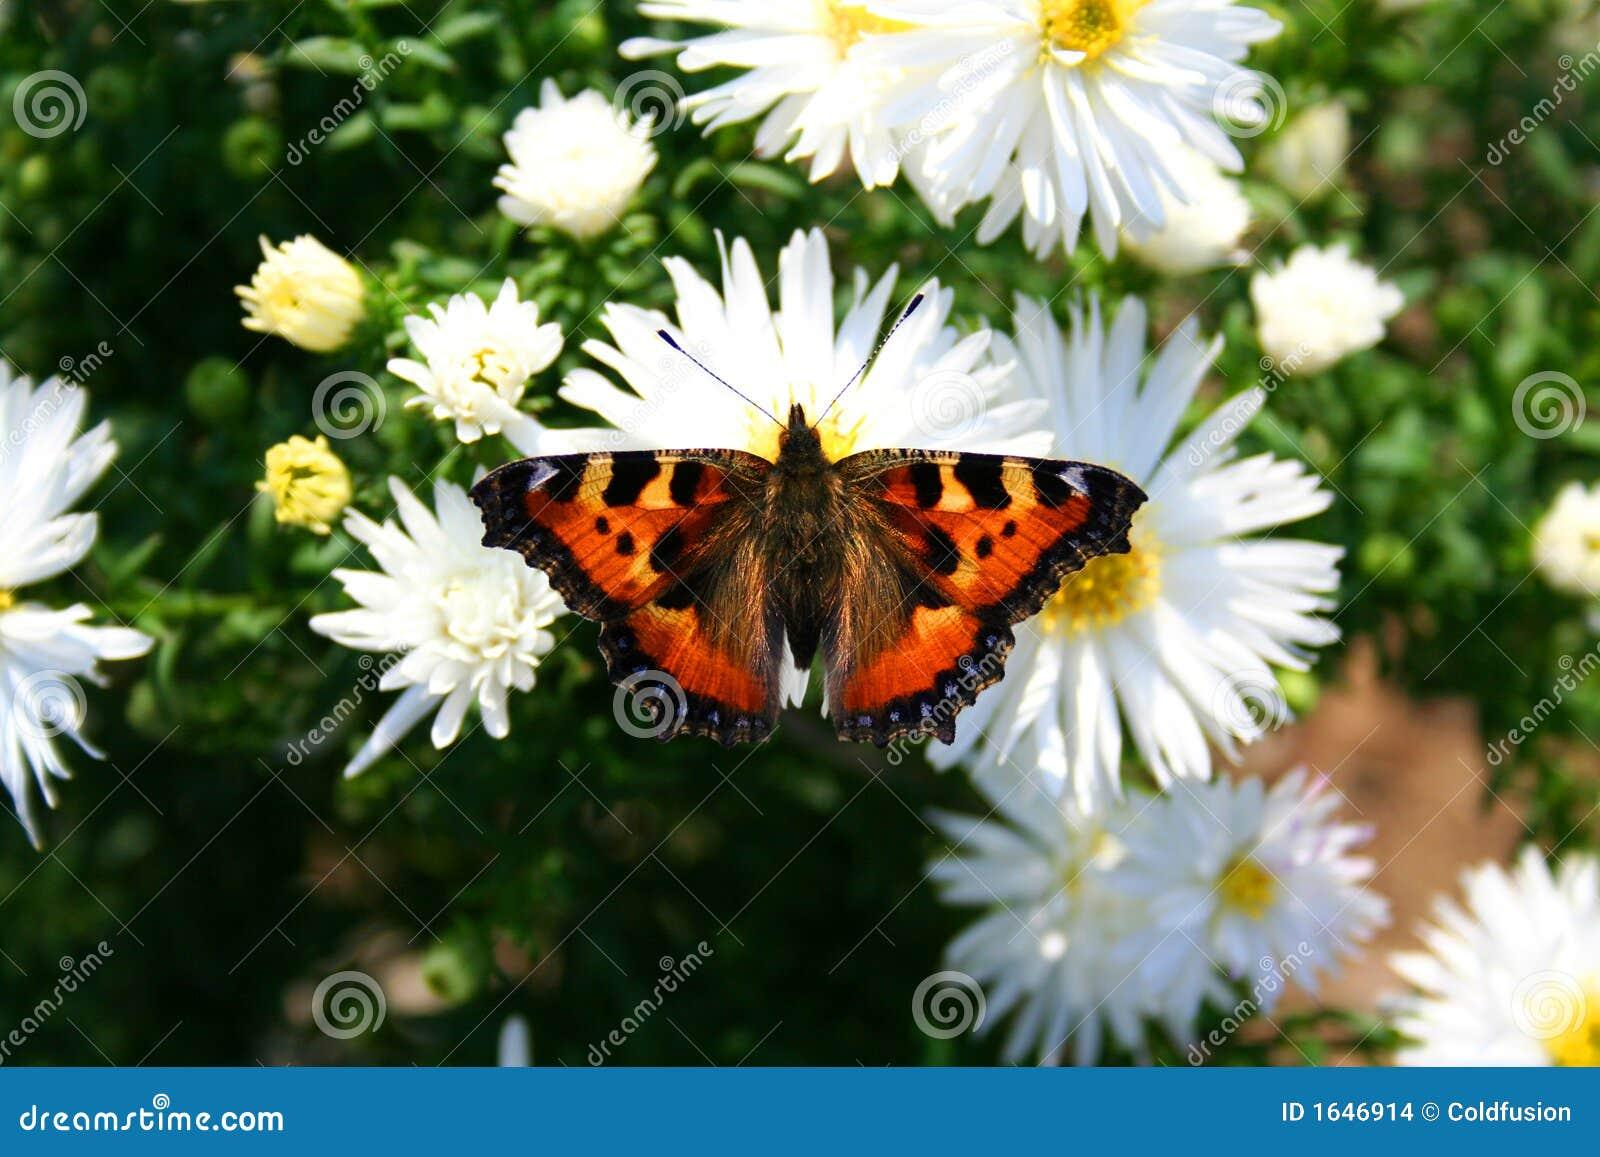 Guindineau sur le chrysanthemom - illustrations de nature